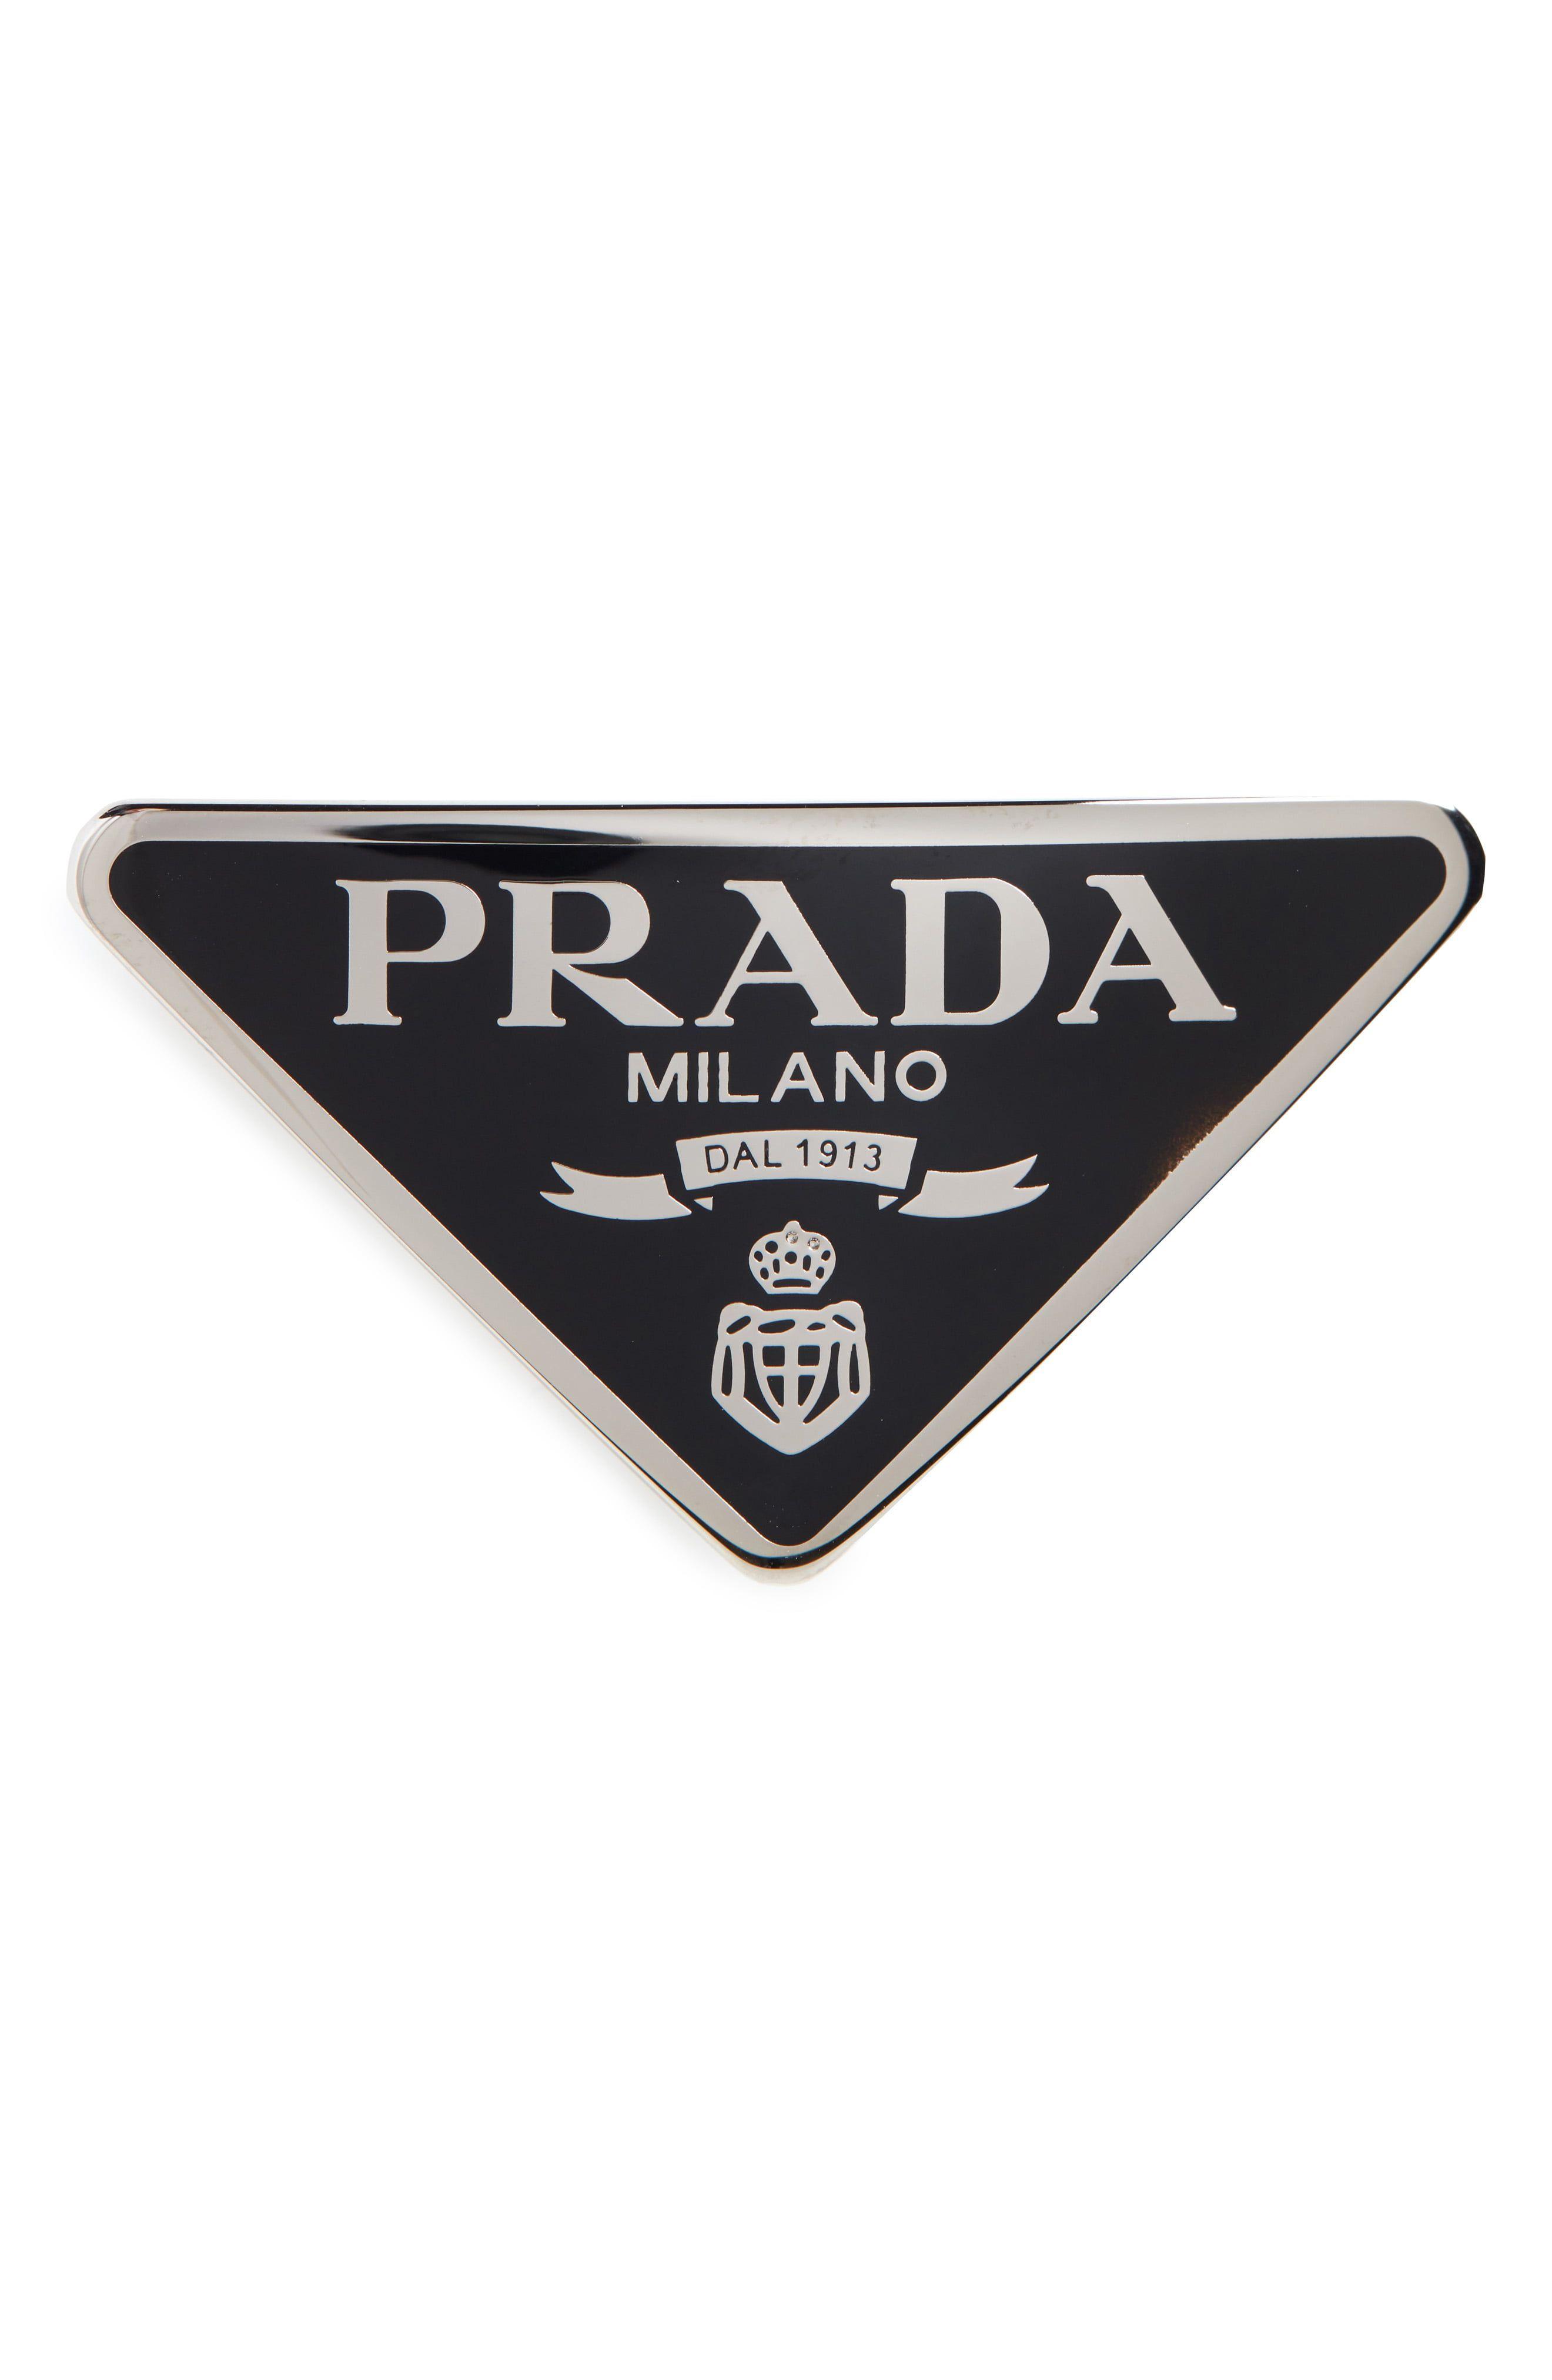 Prada Signature Logo Barrette Nordstrom Prada Signature Logo Black And White Aesthetic